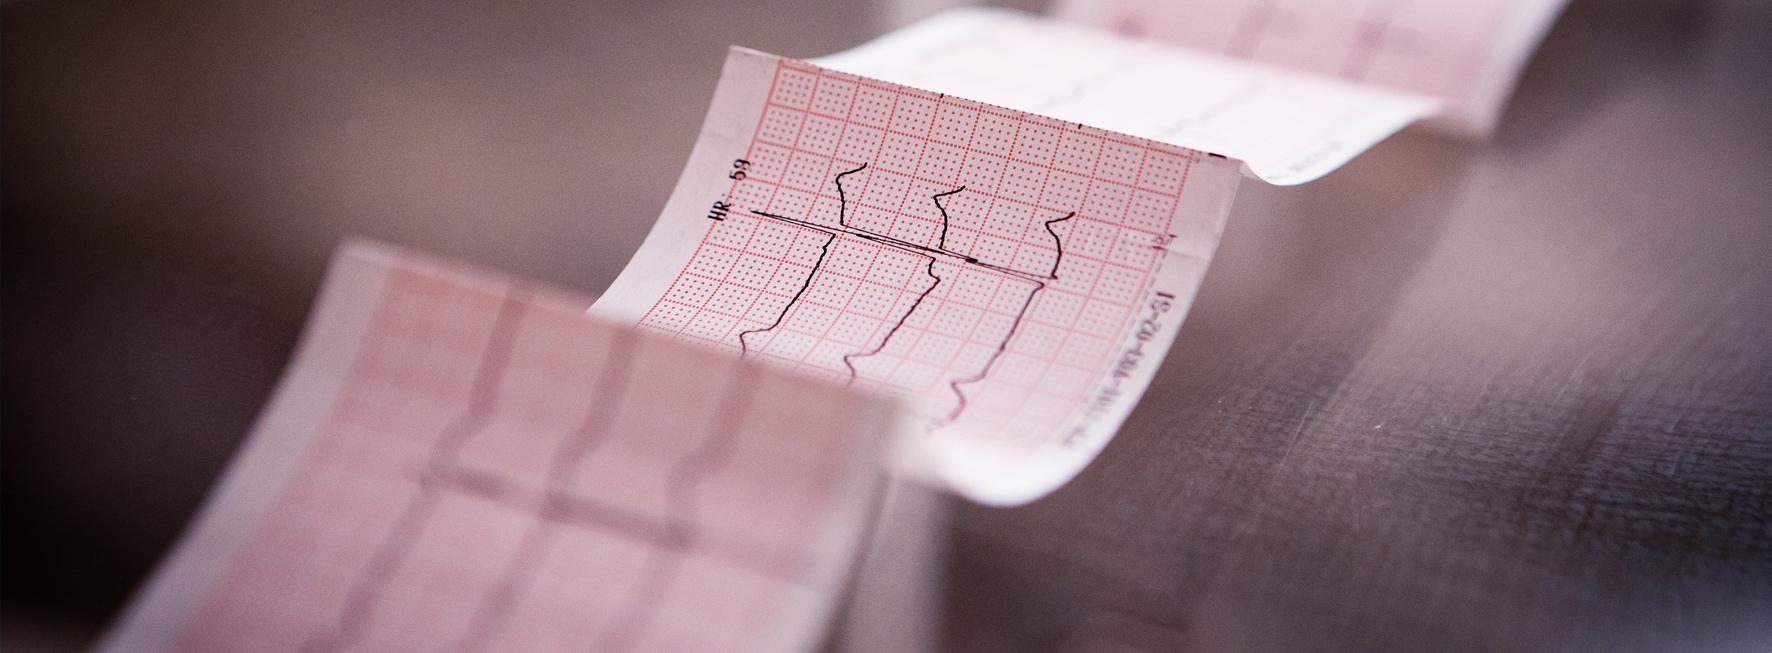 EKG Papier